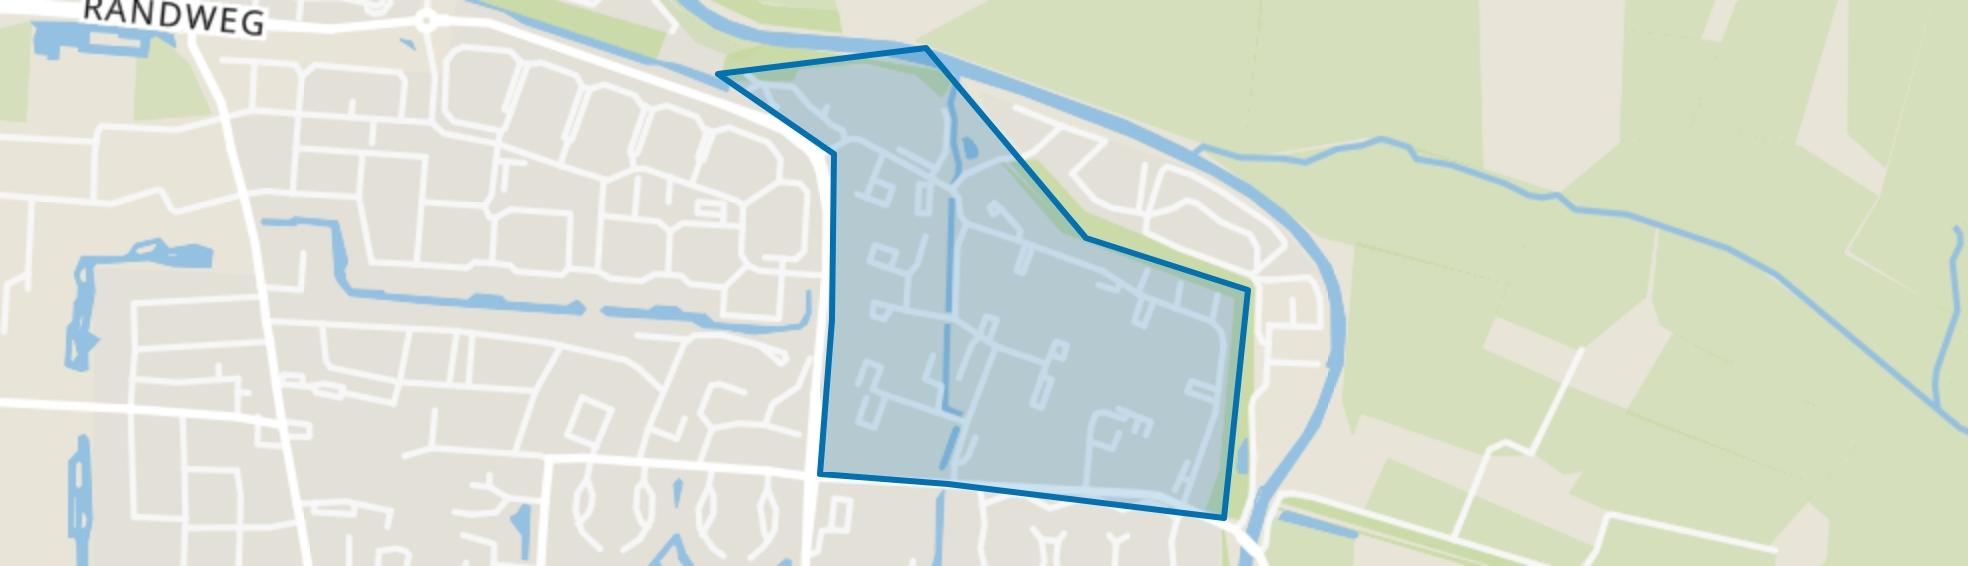 De Wetering, Leusden map